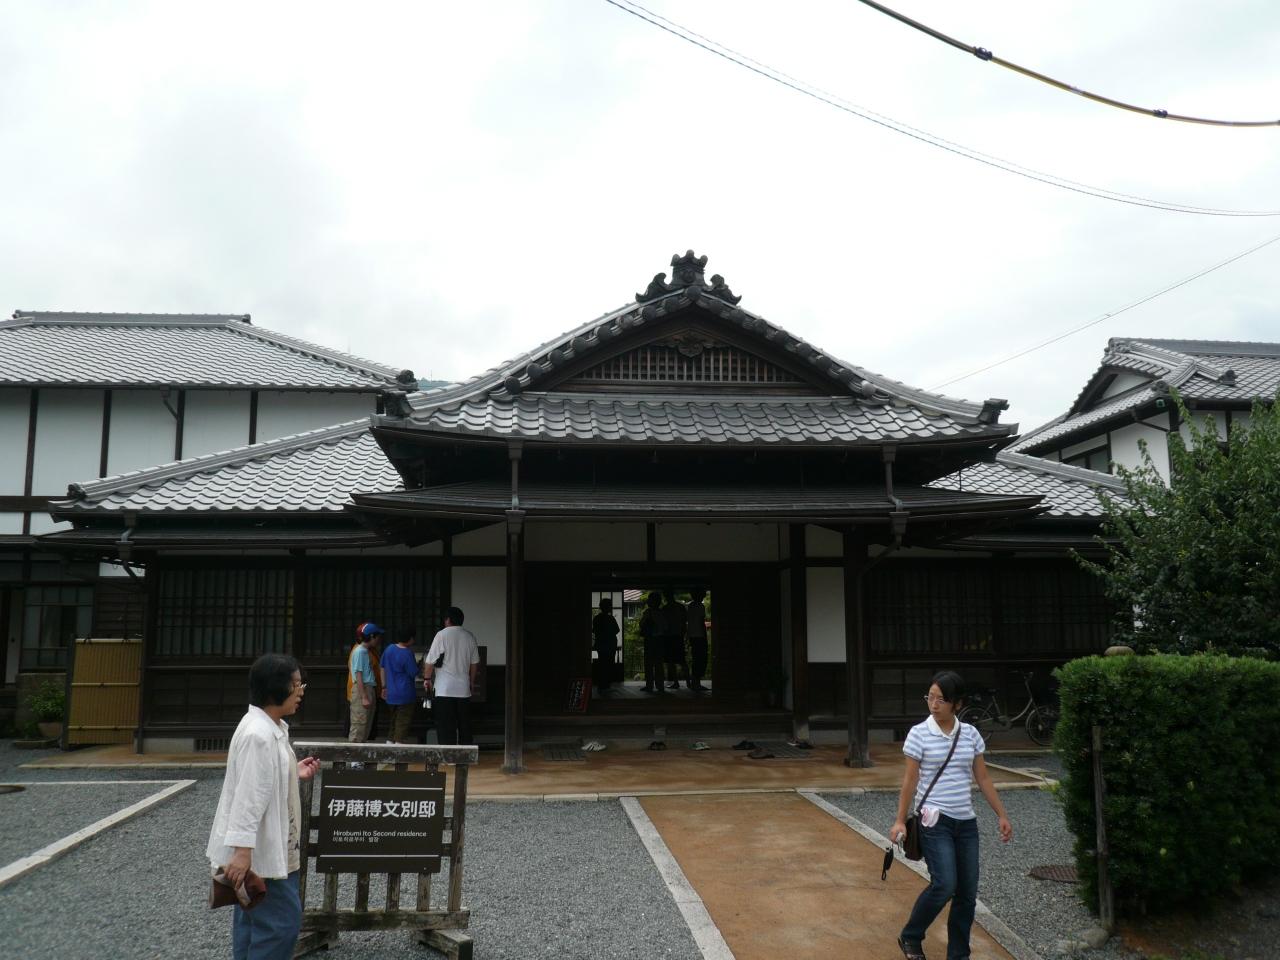 移築された伊藤博文の自宅